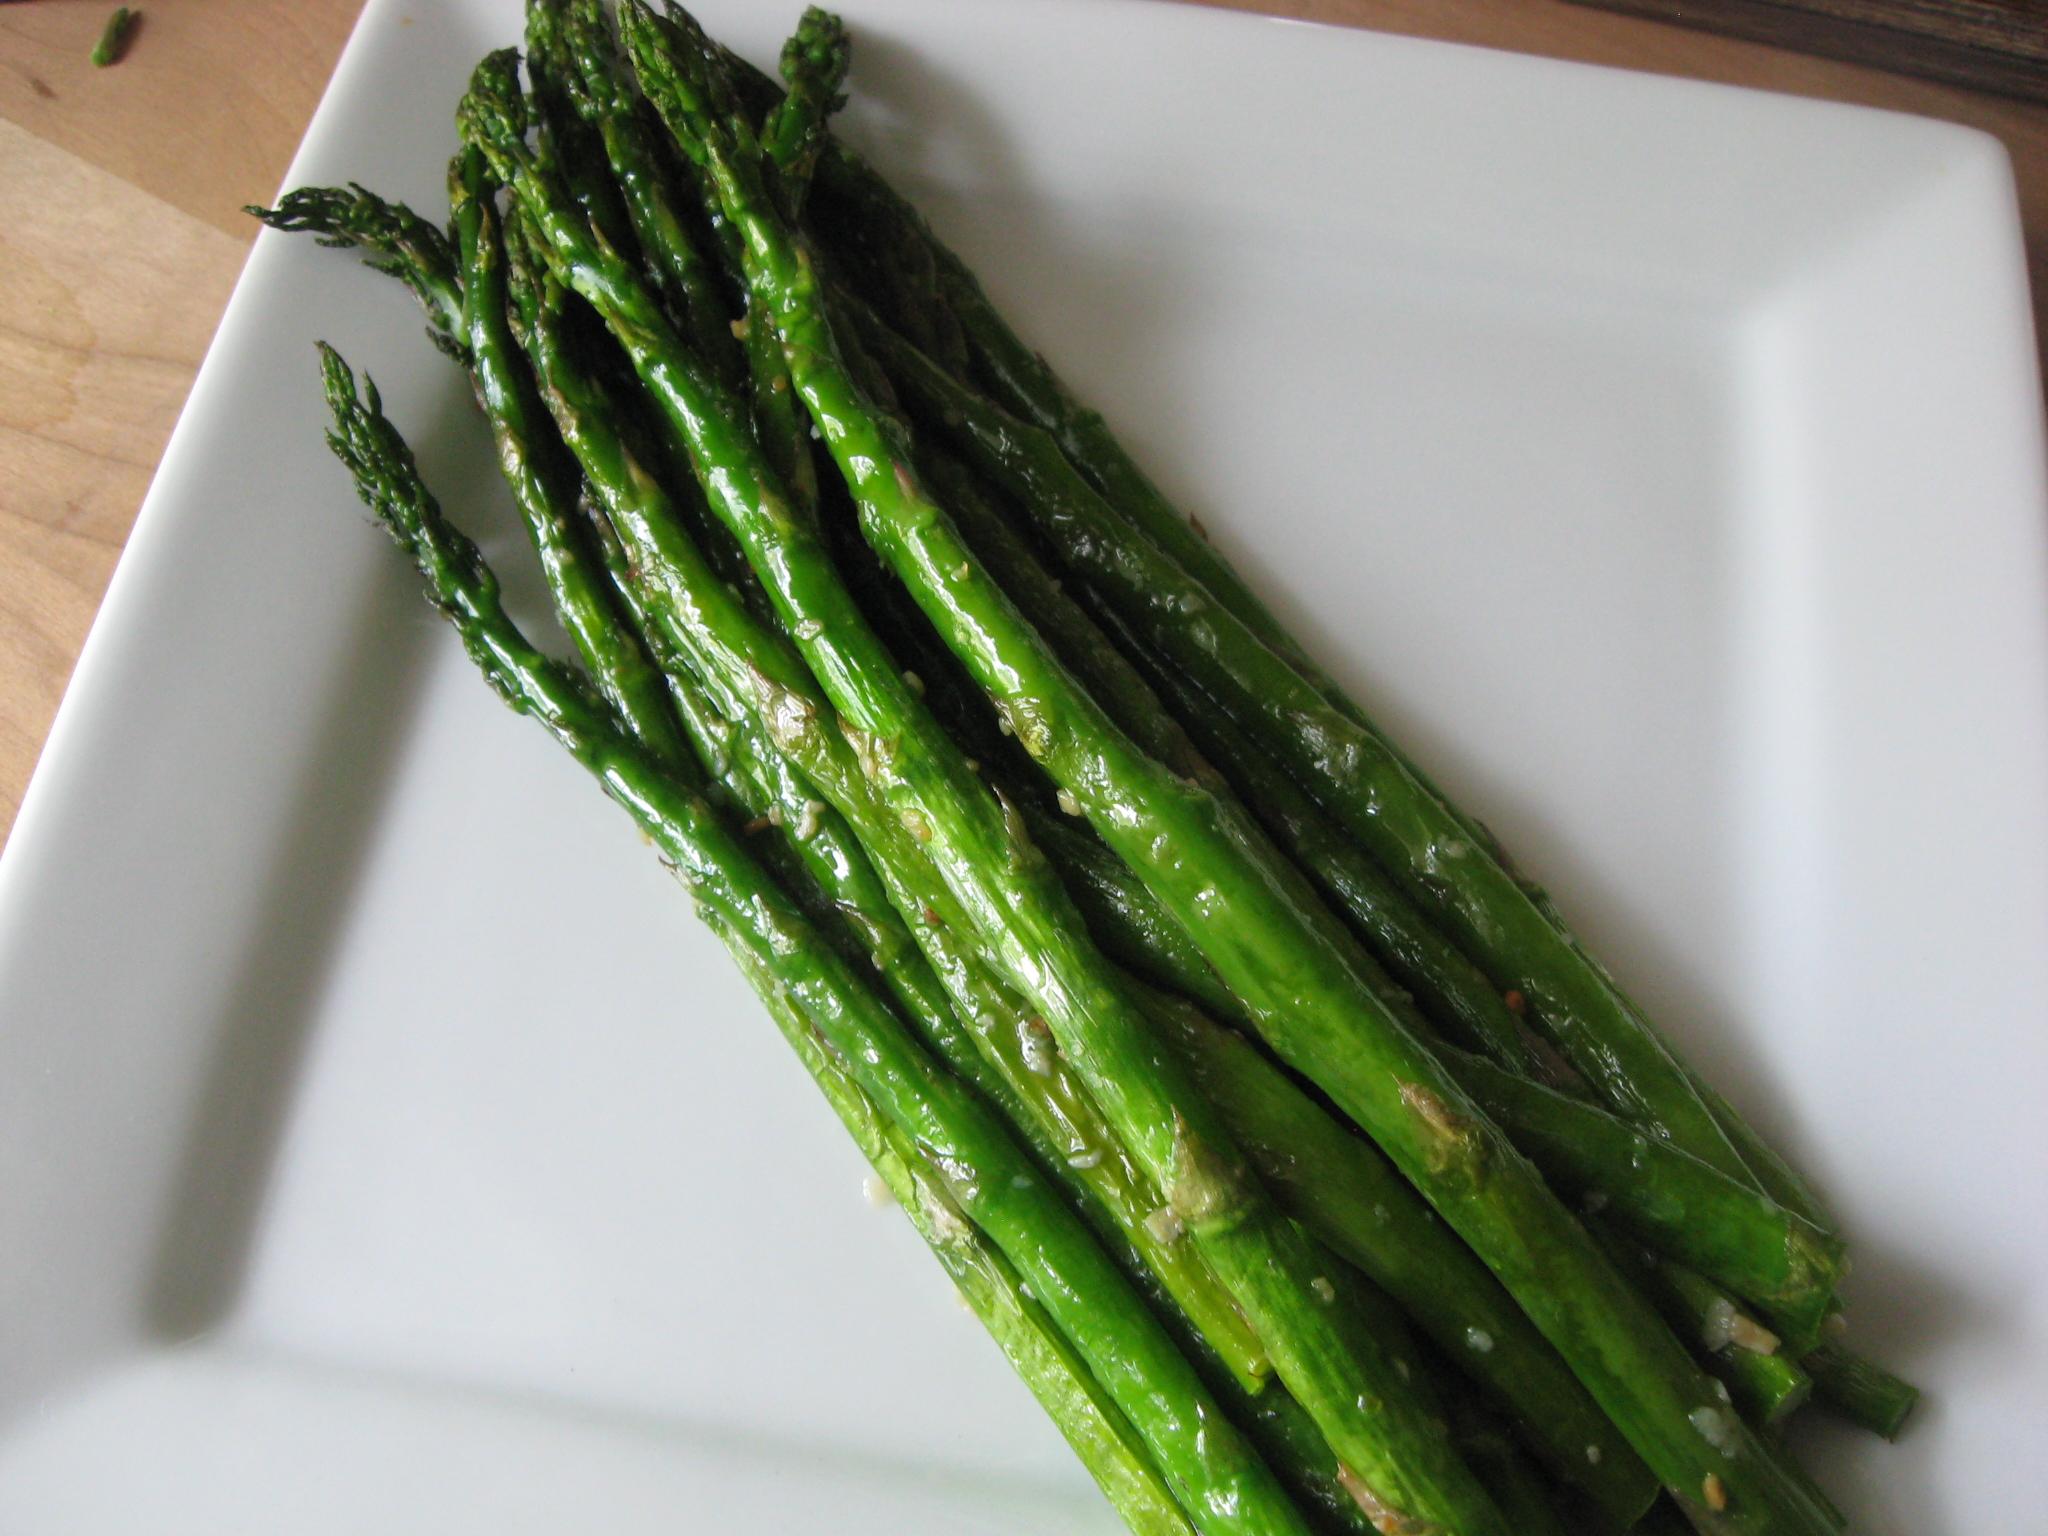 with asparagus roasted asparagus asparagus kerabu grilled asparagus ...